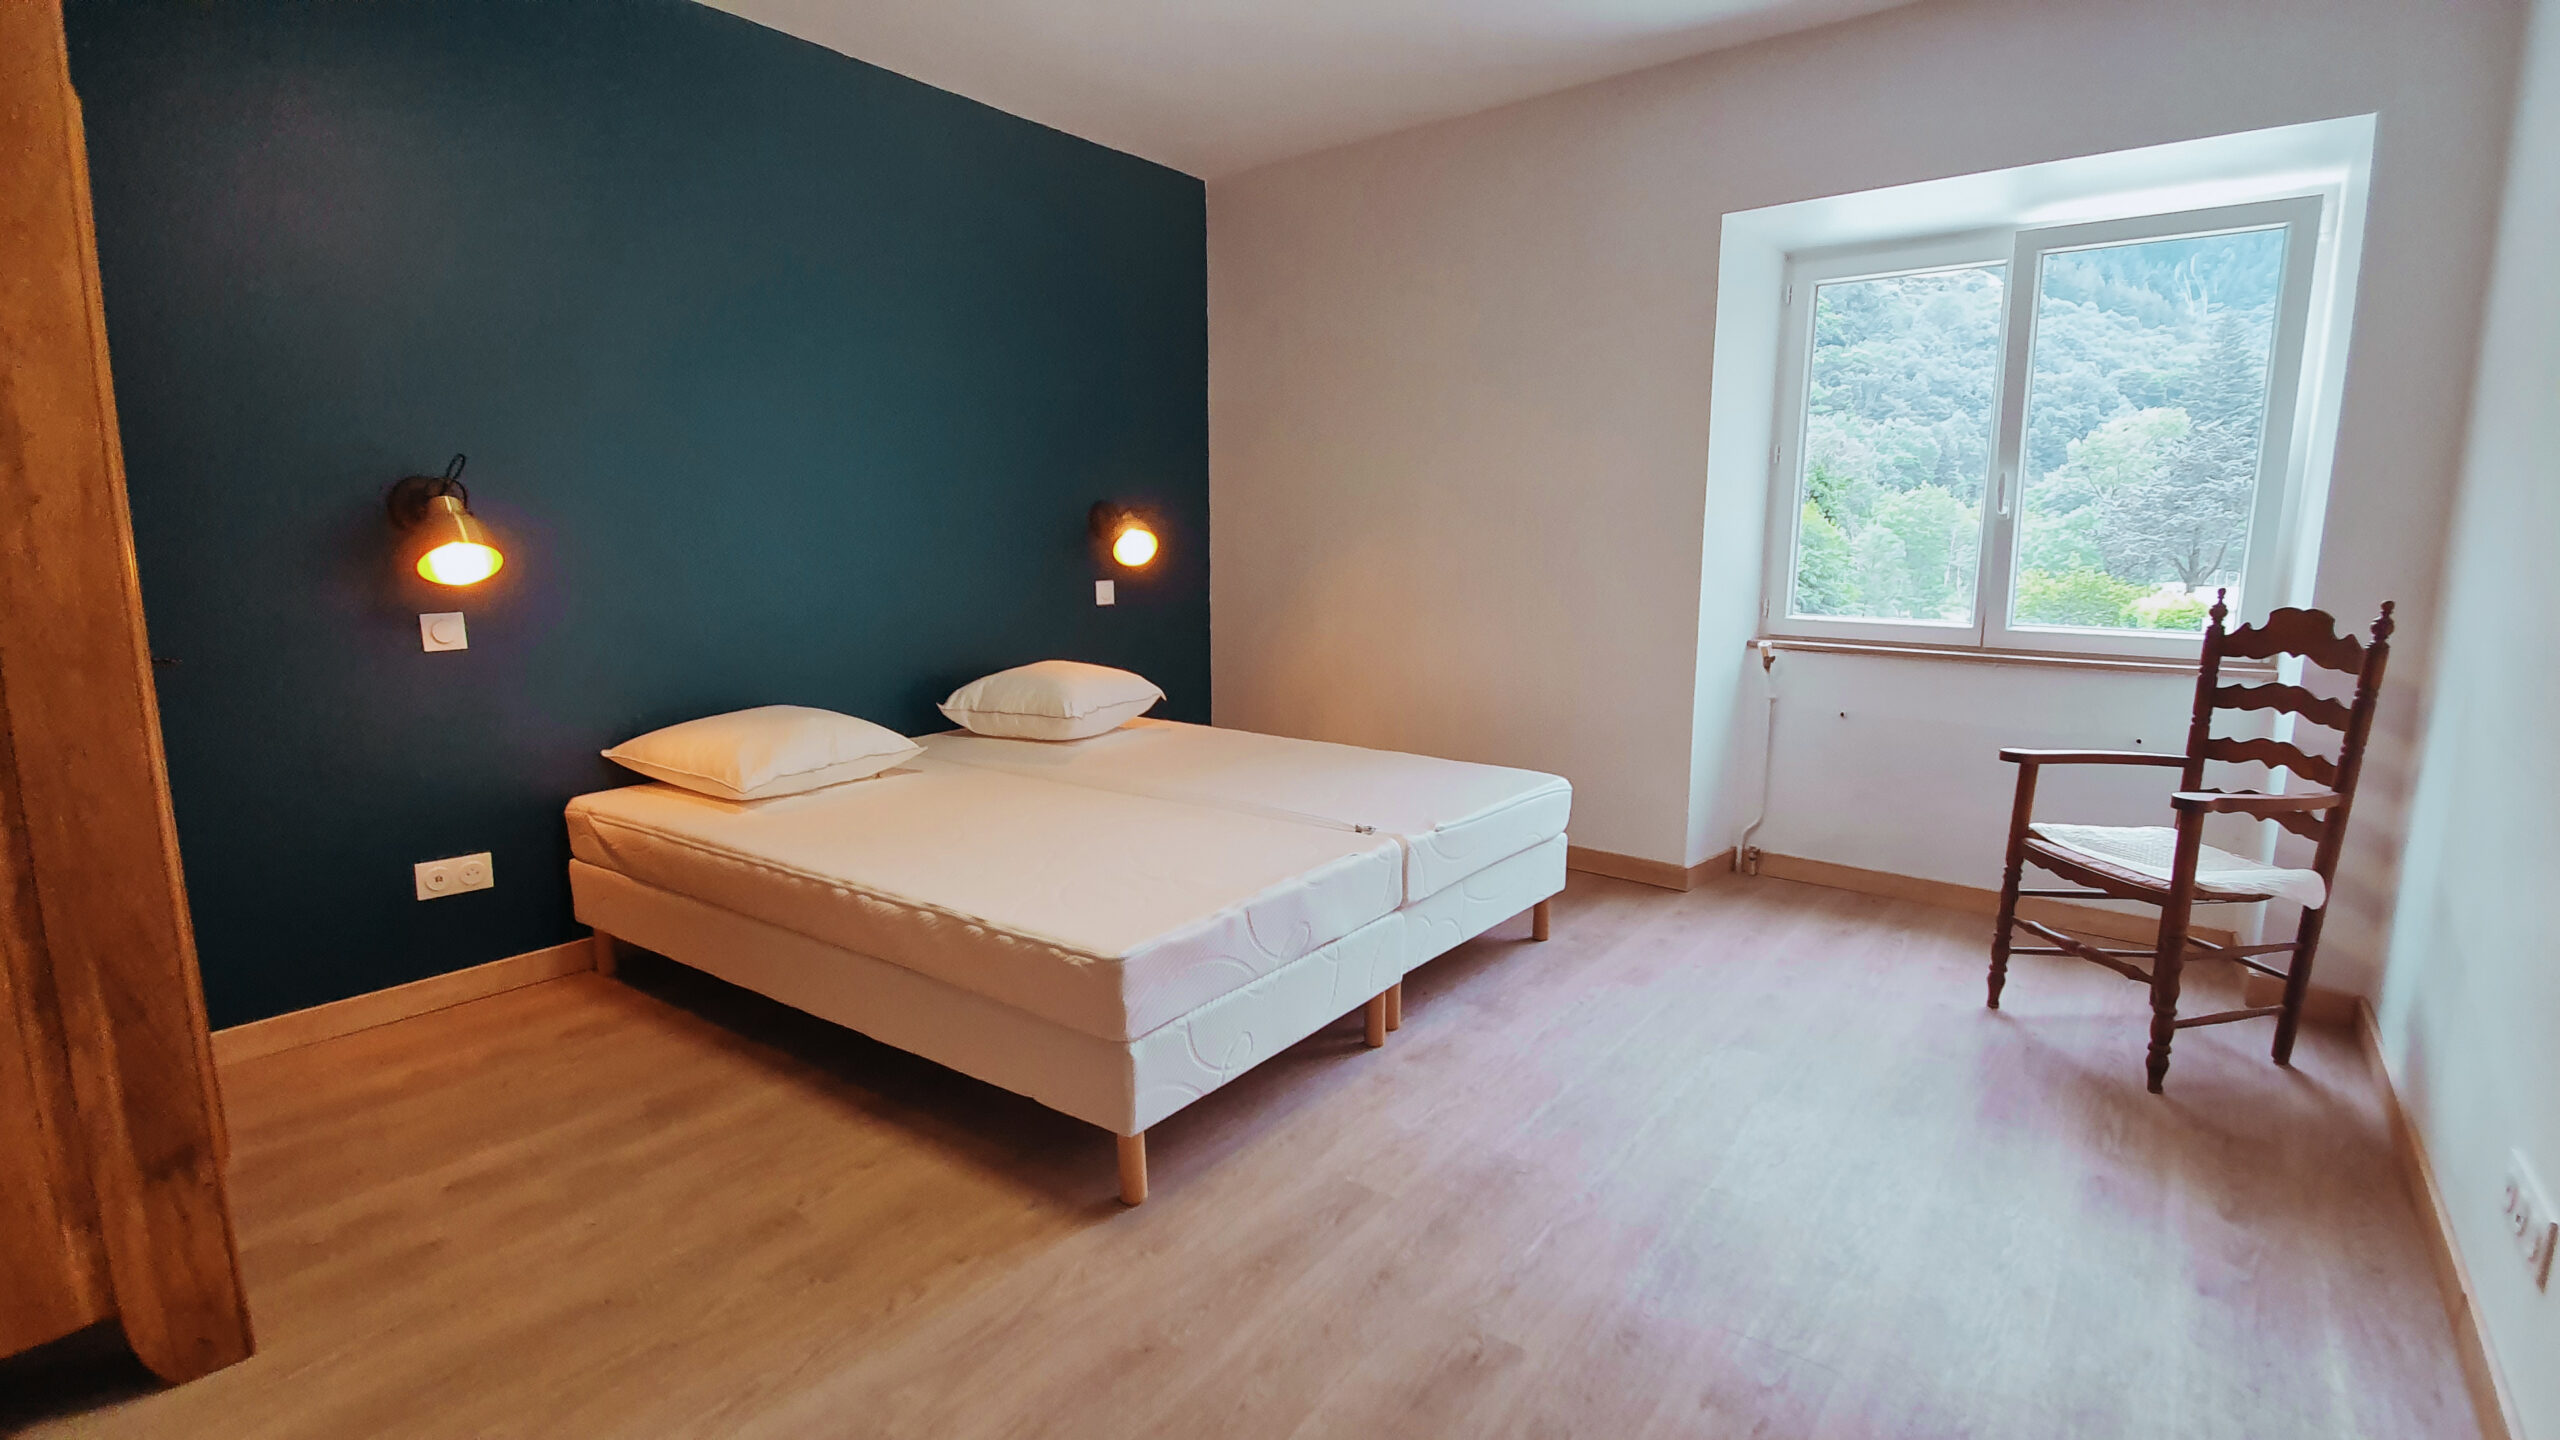 Chambre avec un mur bleu et une fenetre en ardeche